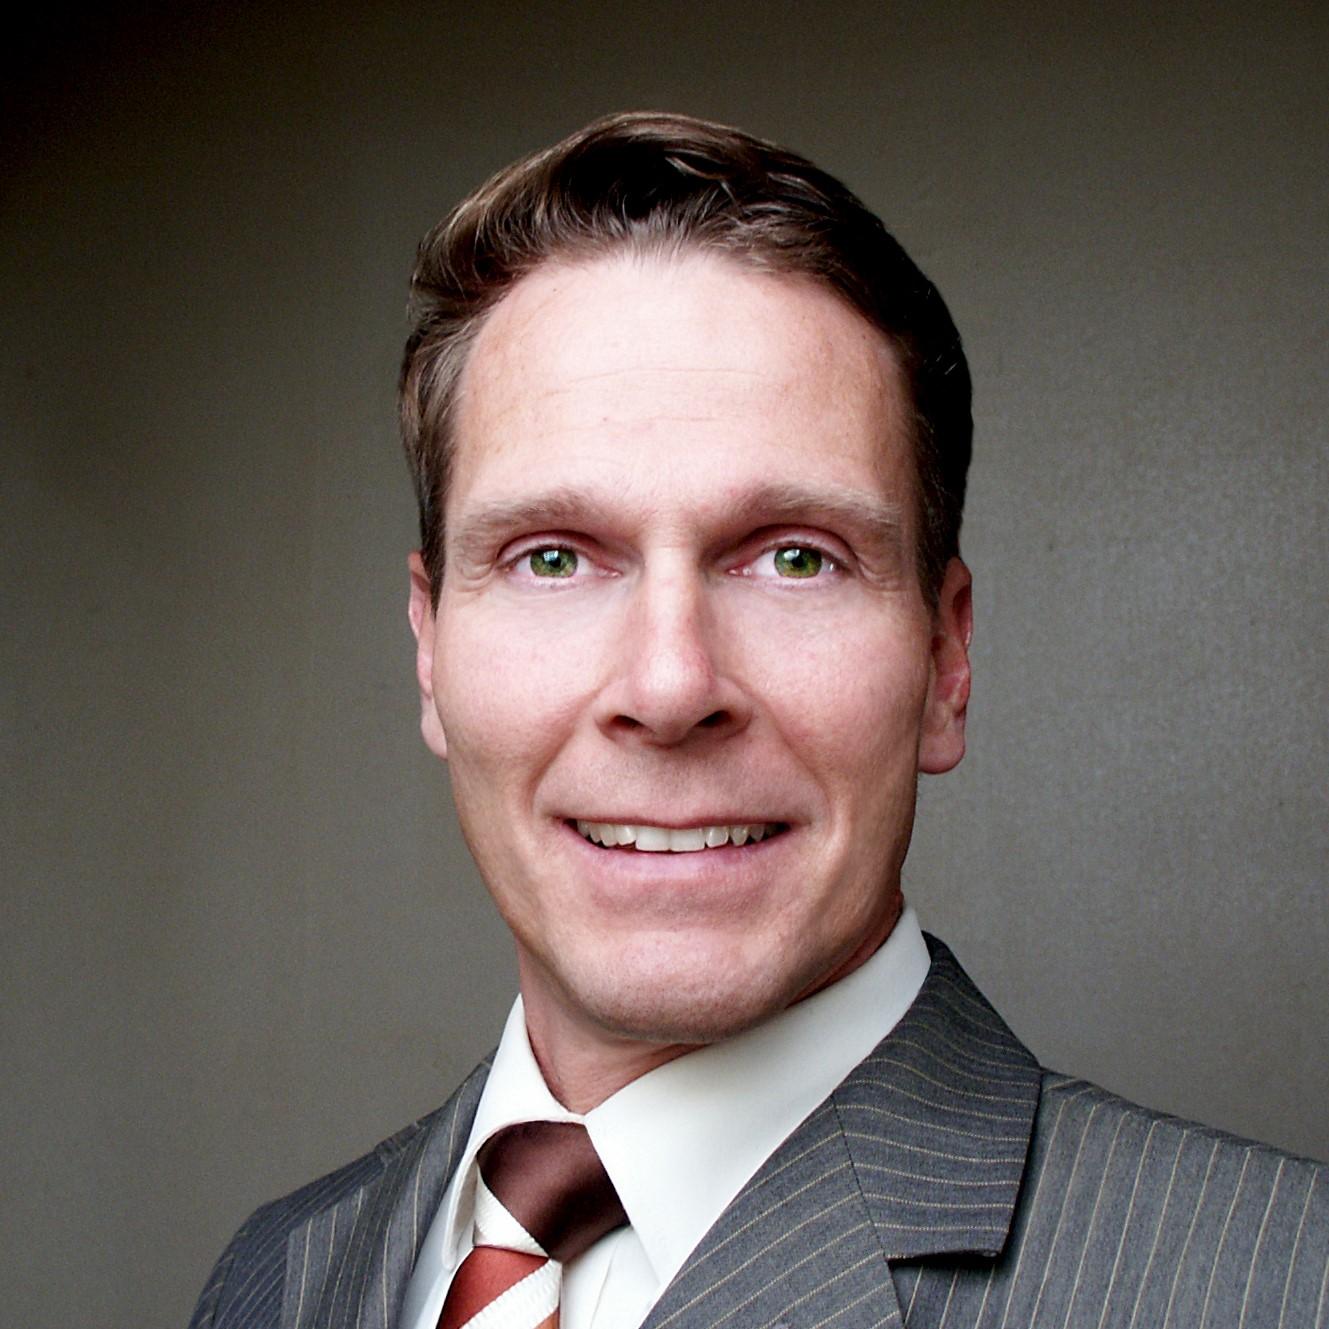 Ingenieurbüro Braasch | Christian Weck